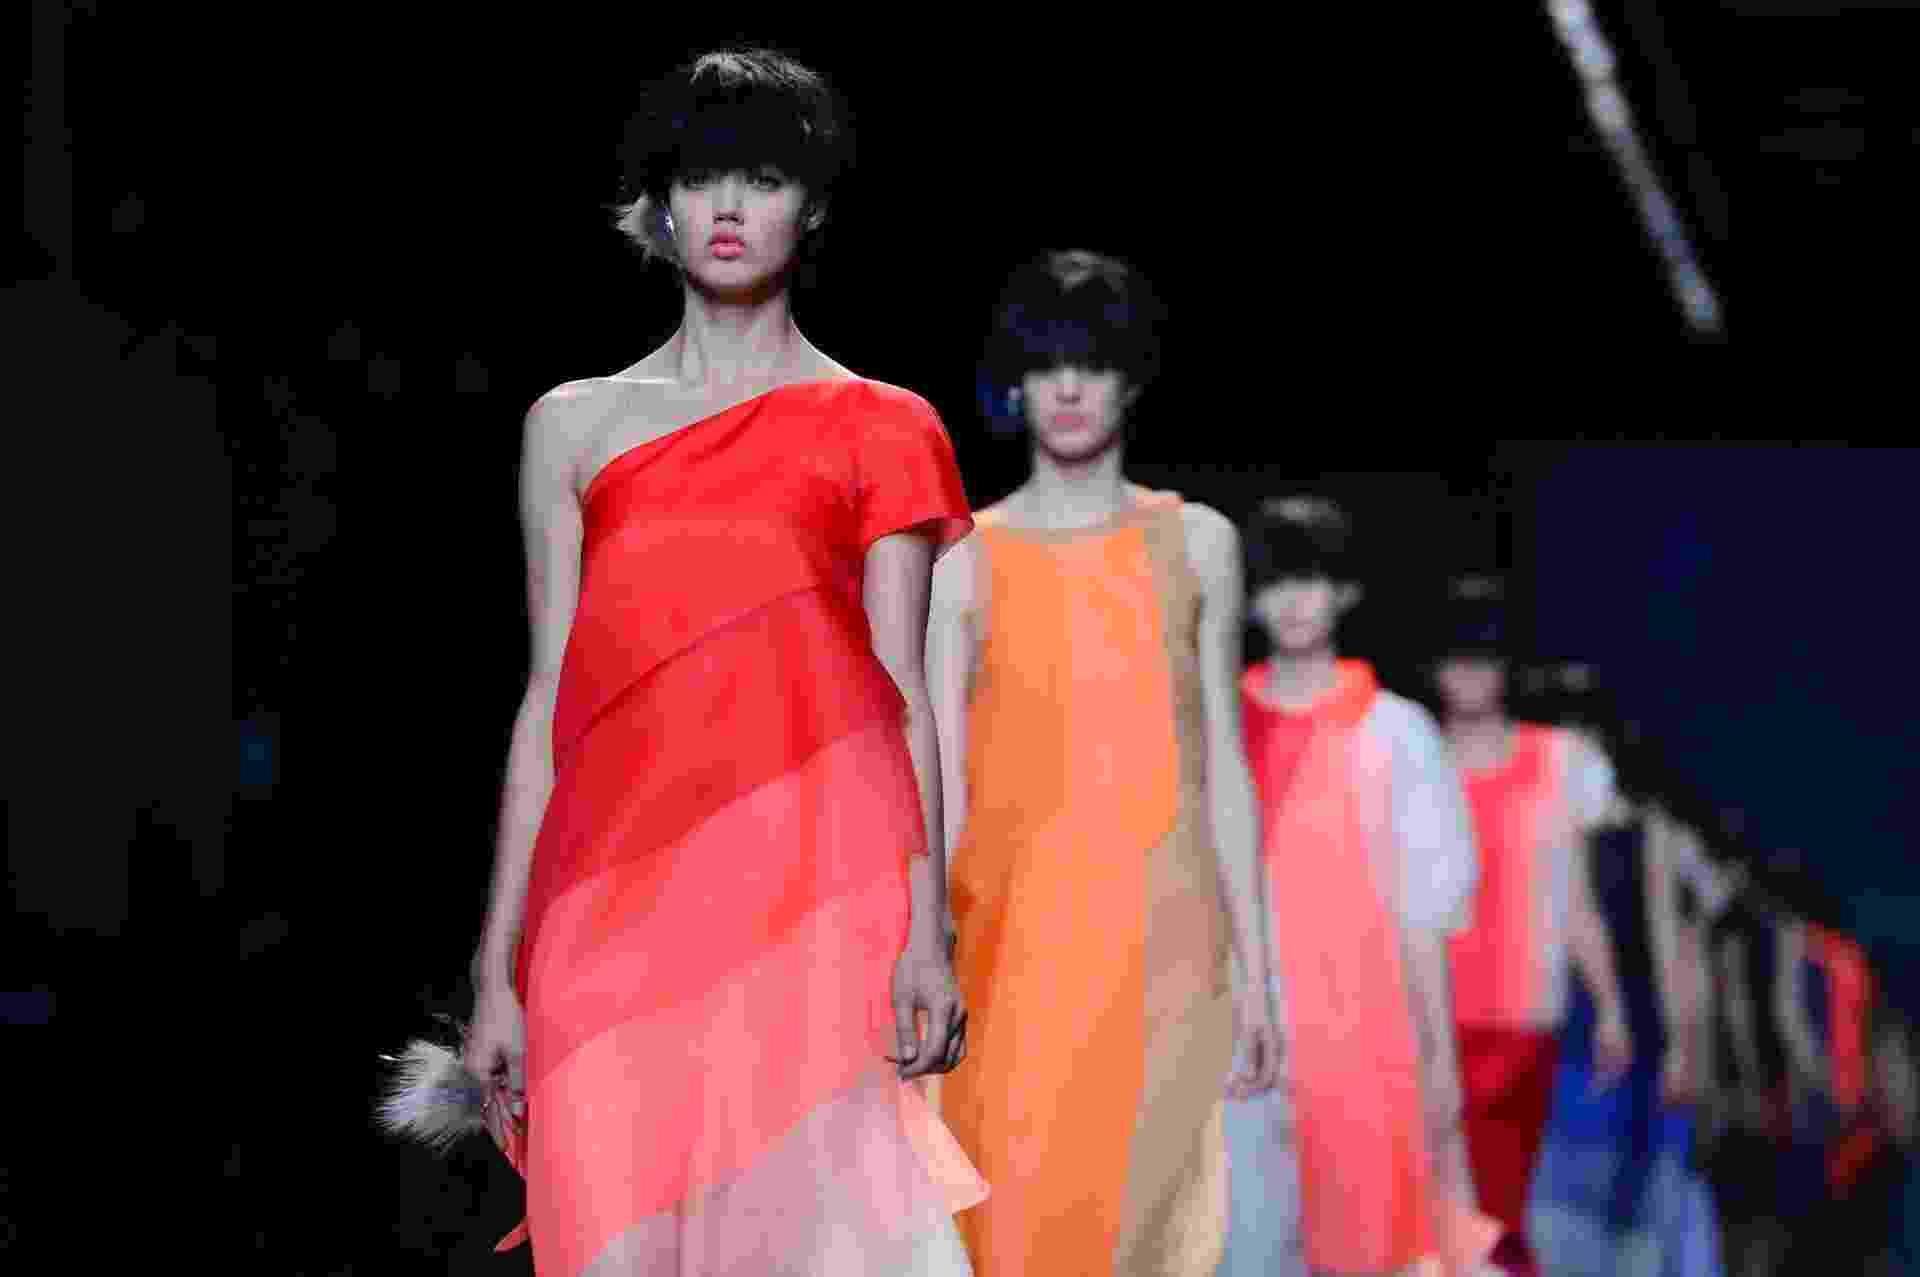 O desfile da Fendi, em Milão, também teve modelos usando perucas com corte de cabelo tigelinha estilizado - Olivier Morin/AFP